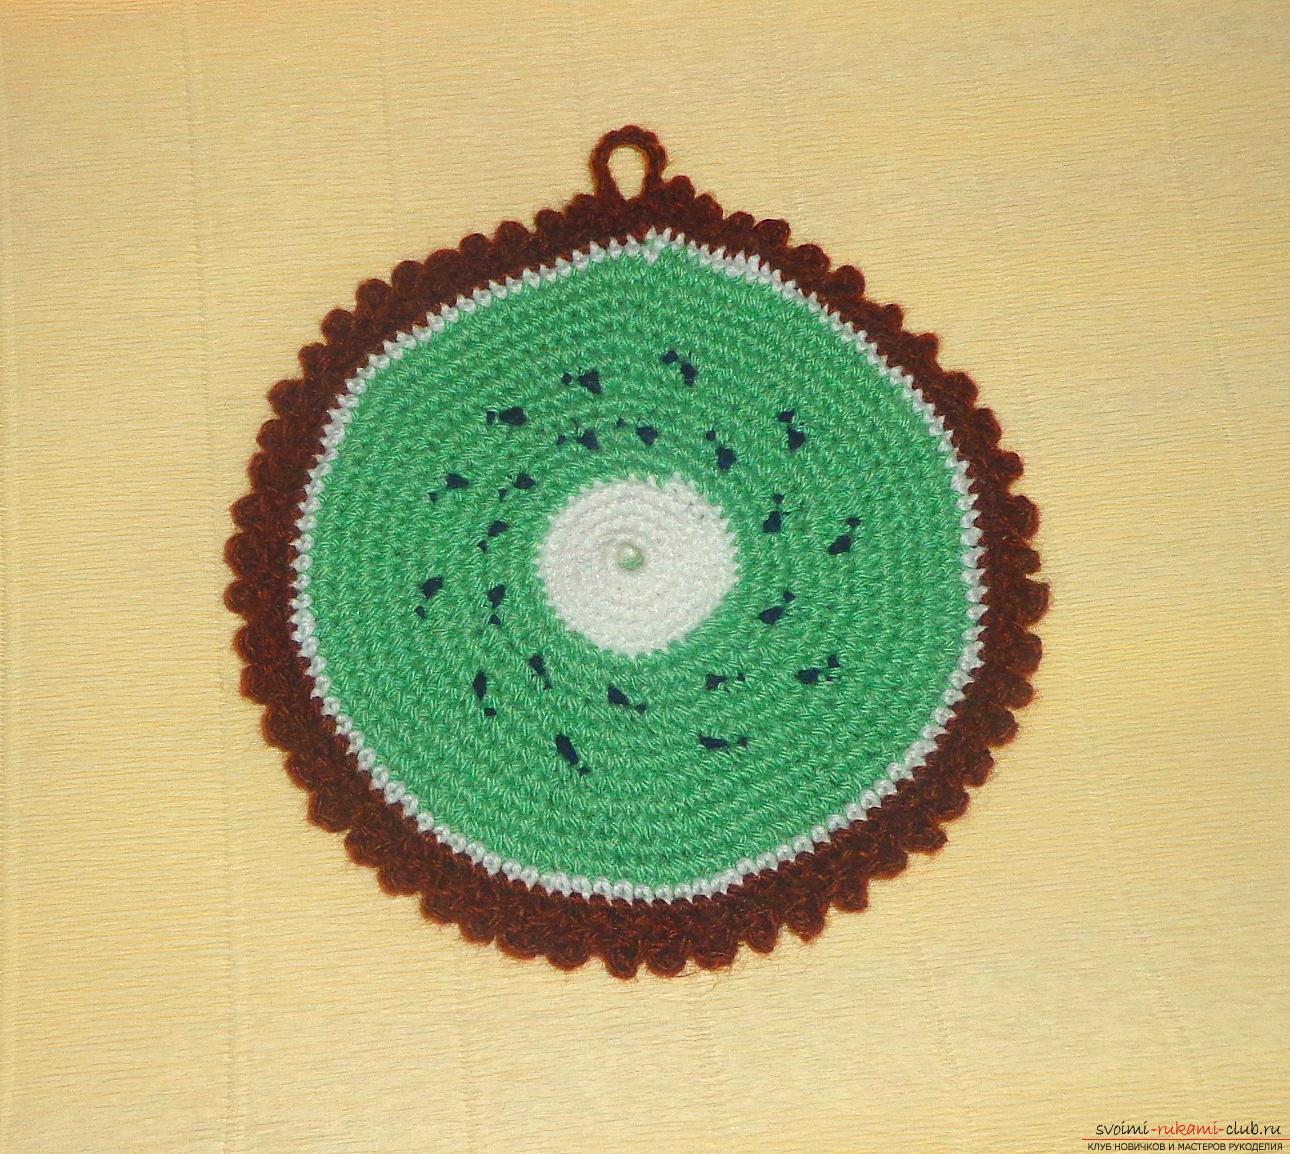 Урок по вязанию крючком прихватки для горячего Киви с описанием шагов и фото. Фото №11